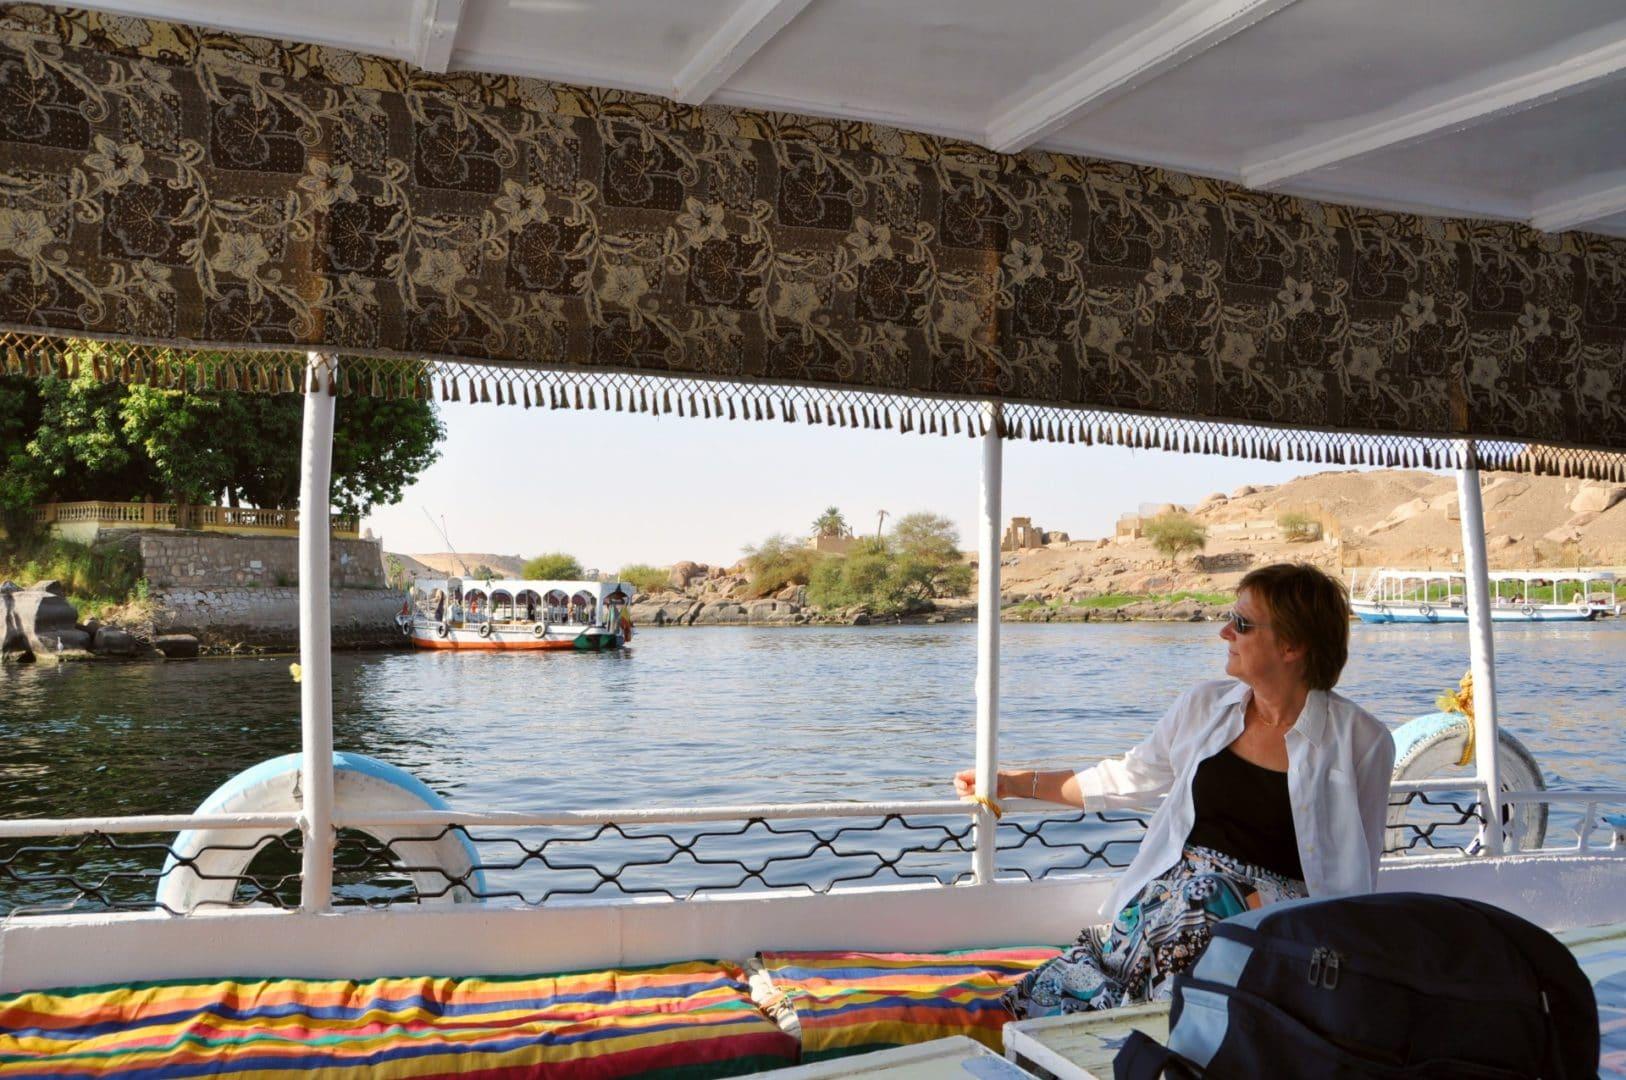 Egypte croisière - Rose-May et Jacque Mangin Janvier 2010